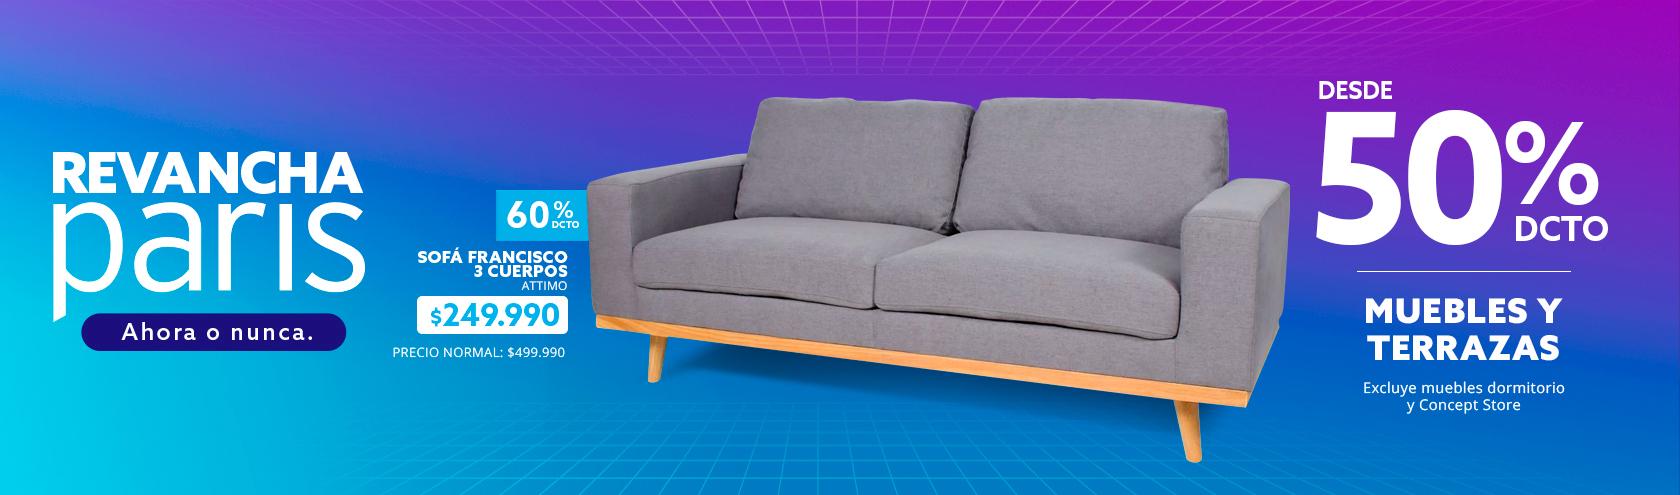 Desde 50% tmp muebles y terrazas. excluye muebles dormitorio y concept store